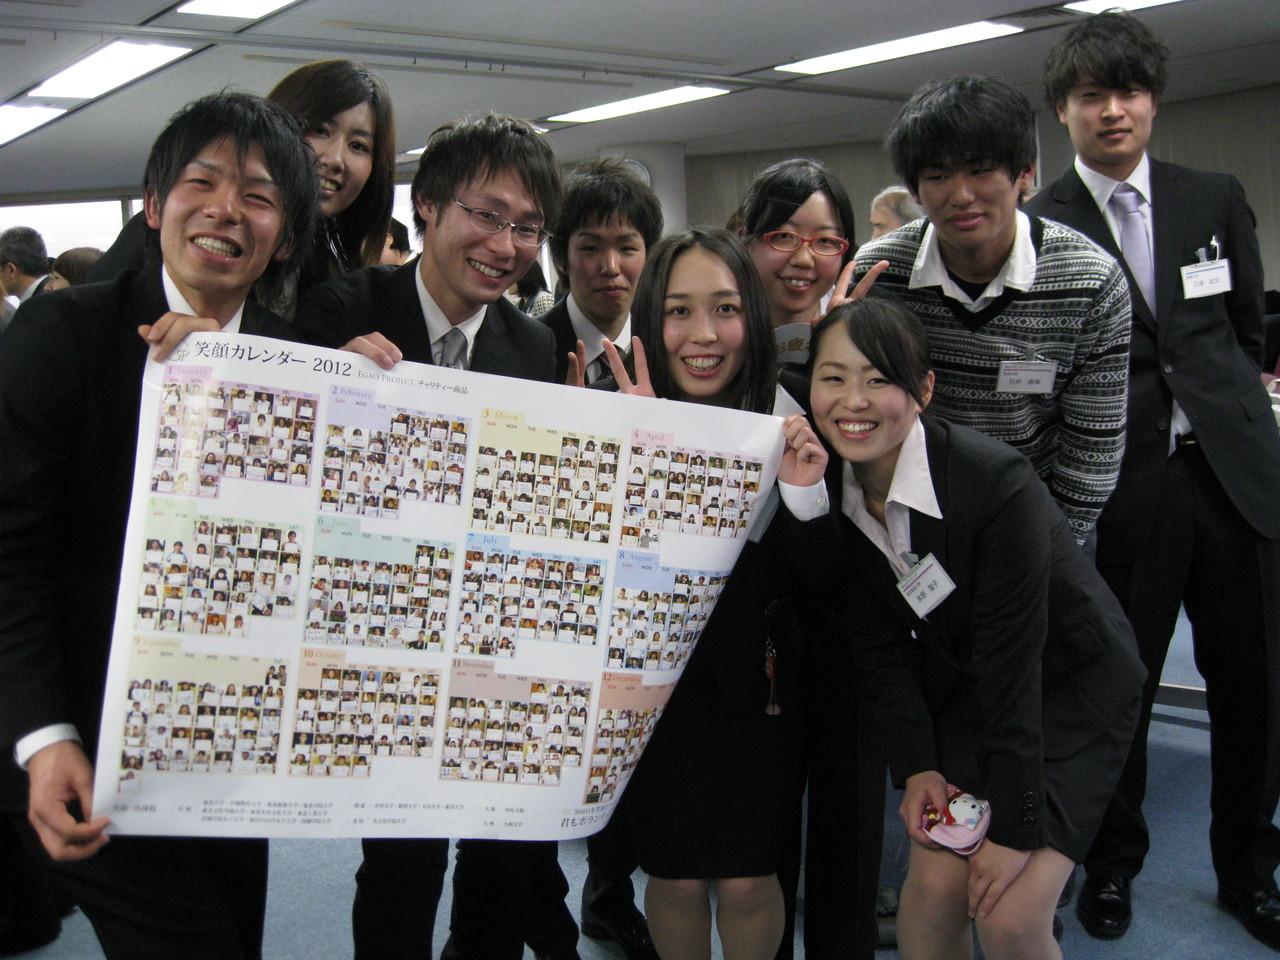 学生ビジネスプランコンテスト会場にて